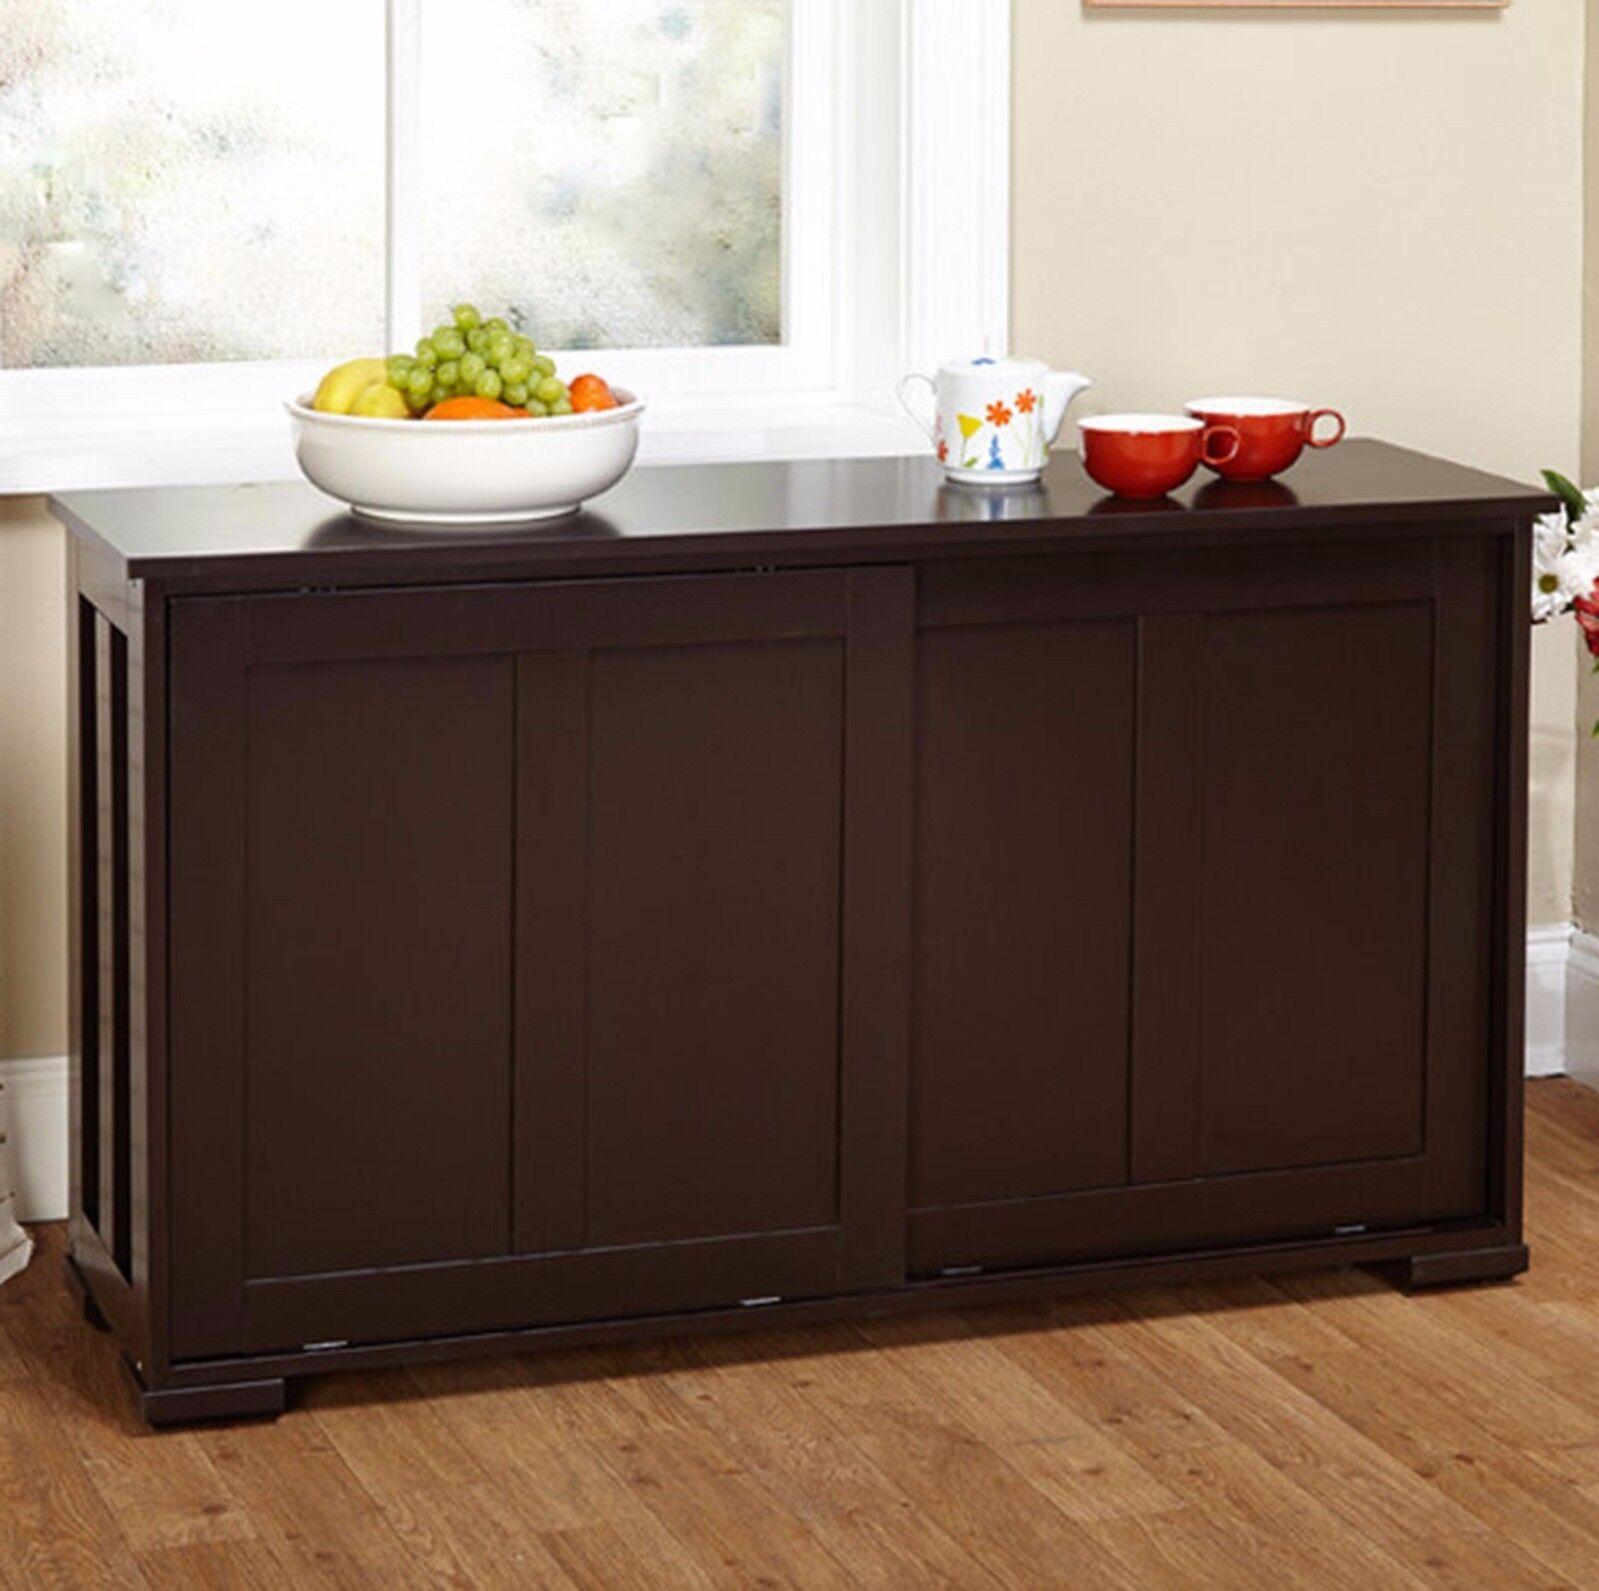 Kitchen Server Espresso Storage Cabinet Wooden Top ...